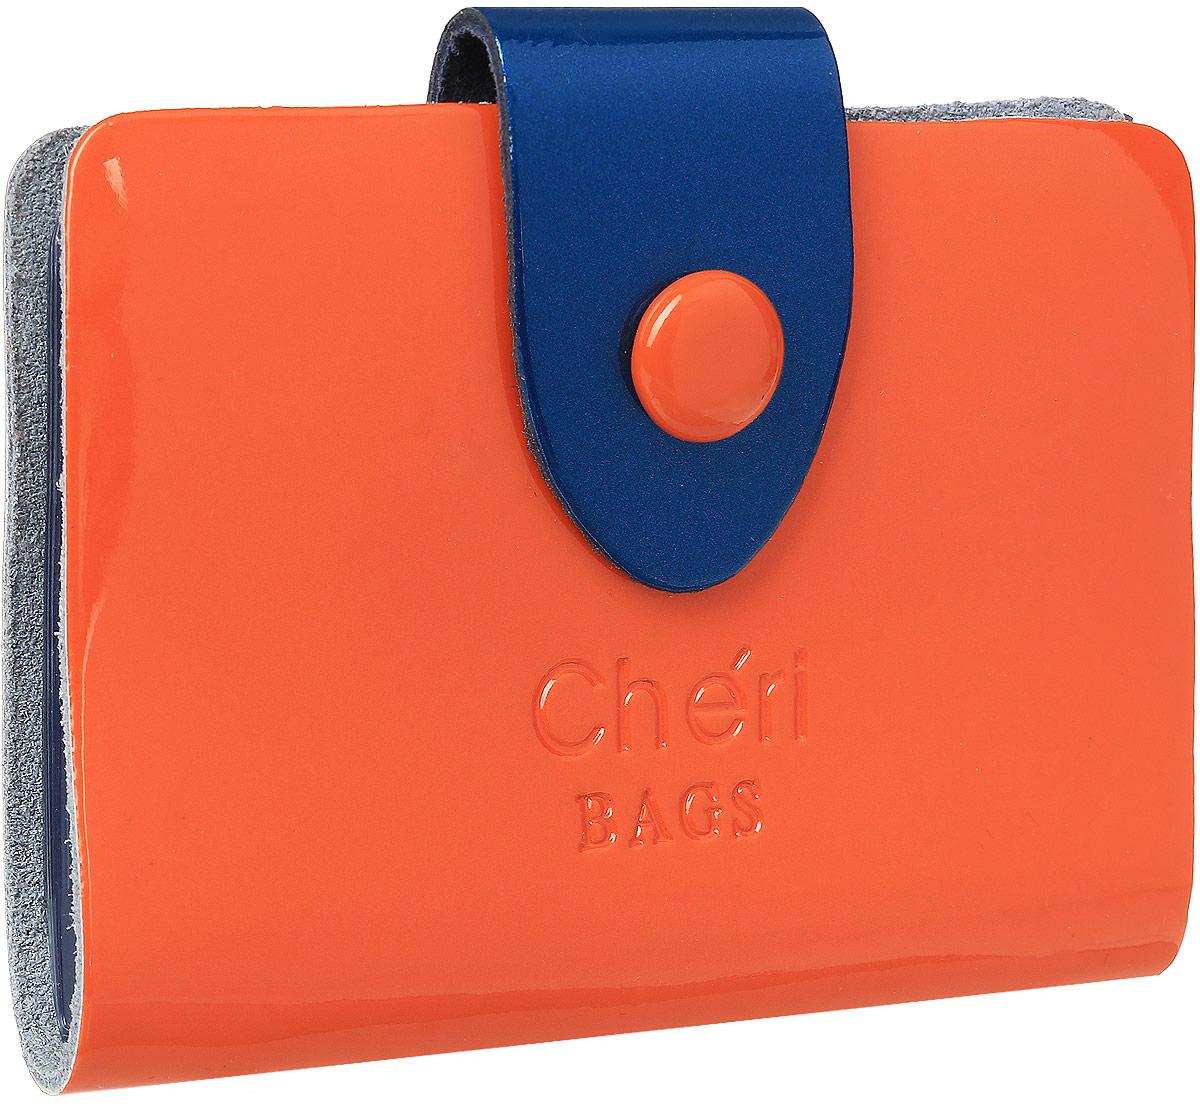 Визитница женская Cheribags, цвет: оранжевый. V-0499-22V-0499-22Визитница Cheribags выполнена из натуральной кожи зернистой текстуры и оформлена тисненой надписью с названием бренда. Внутри расположен блок с 26 файлами для визитных и дисконтных карт. Изделие застегивается хлястиком на кнопку.